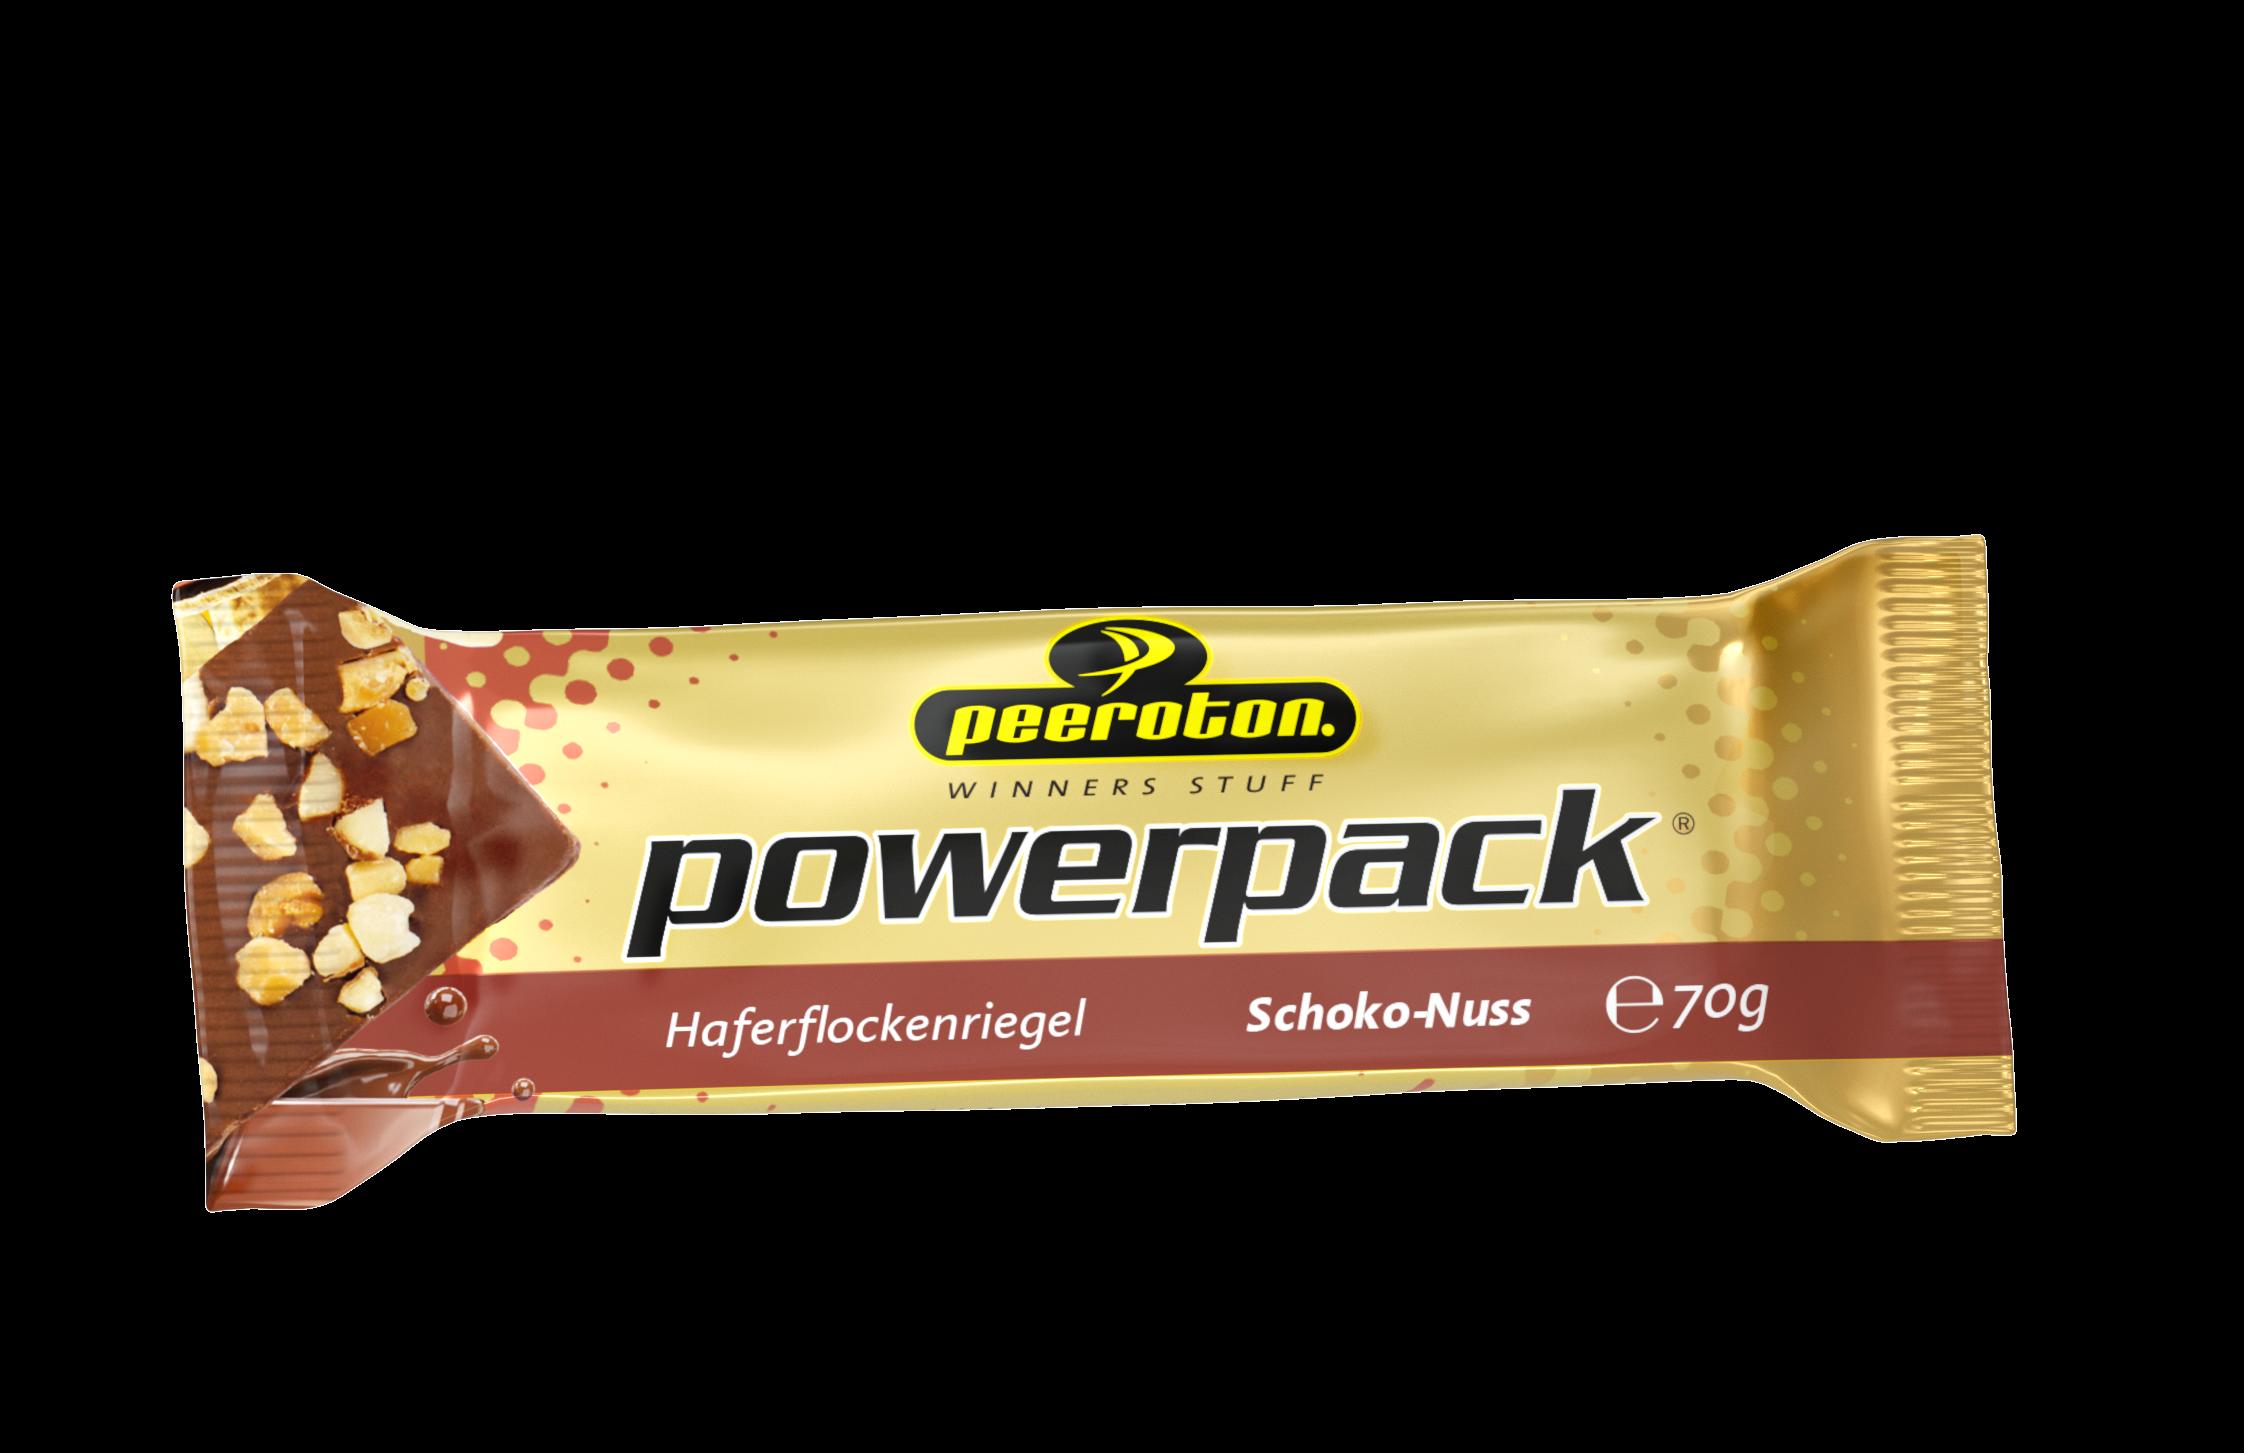 Peeroton POWERPACK Riegel 70g Schoko-Nuss, 1 Stück